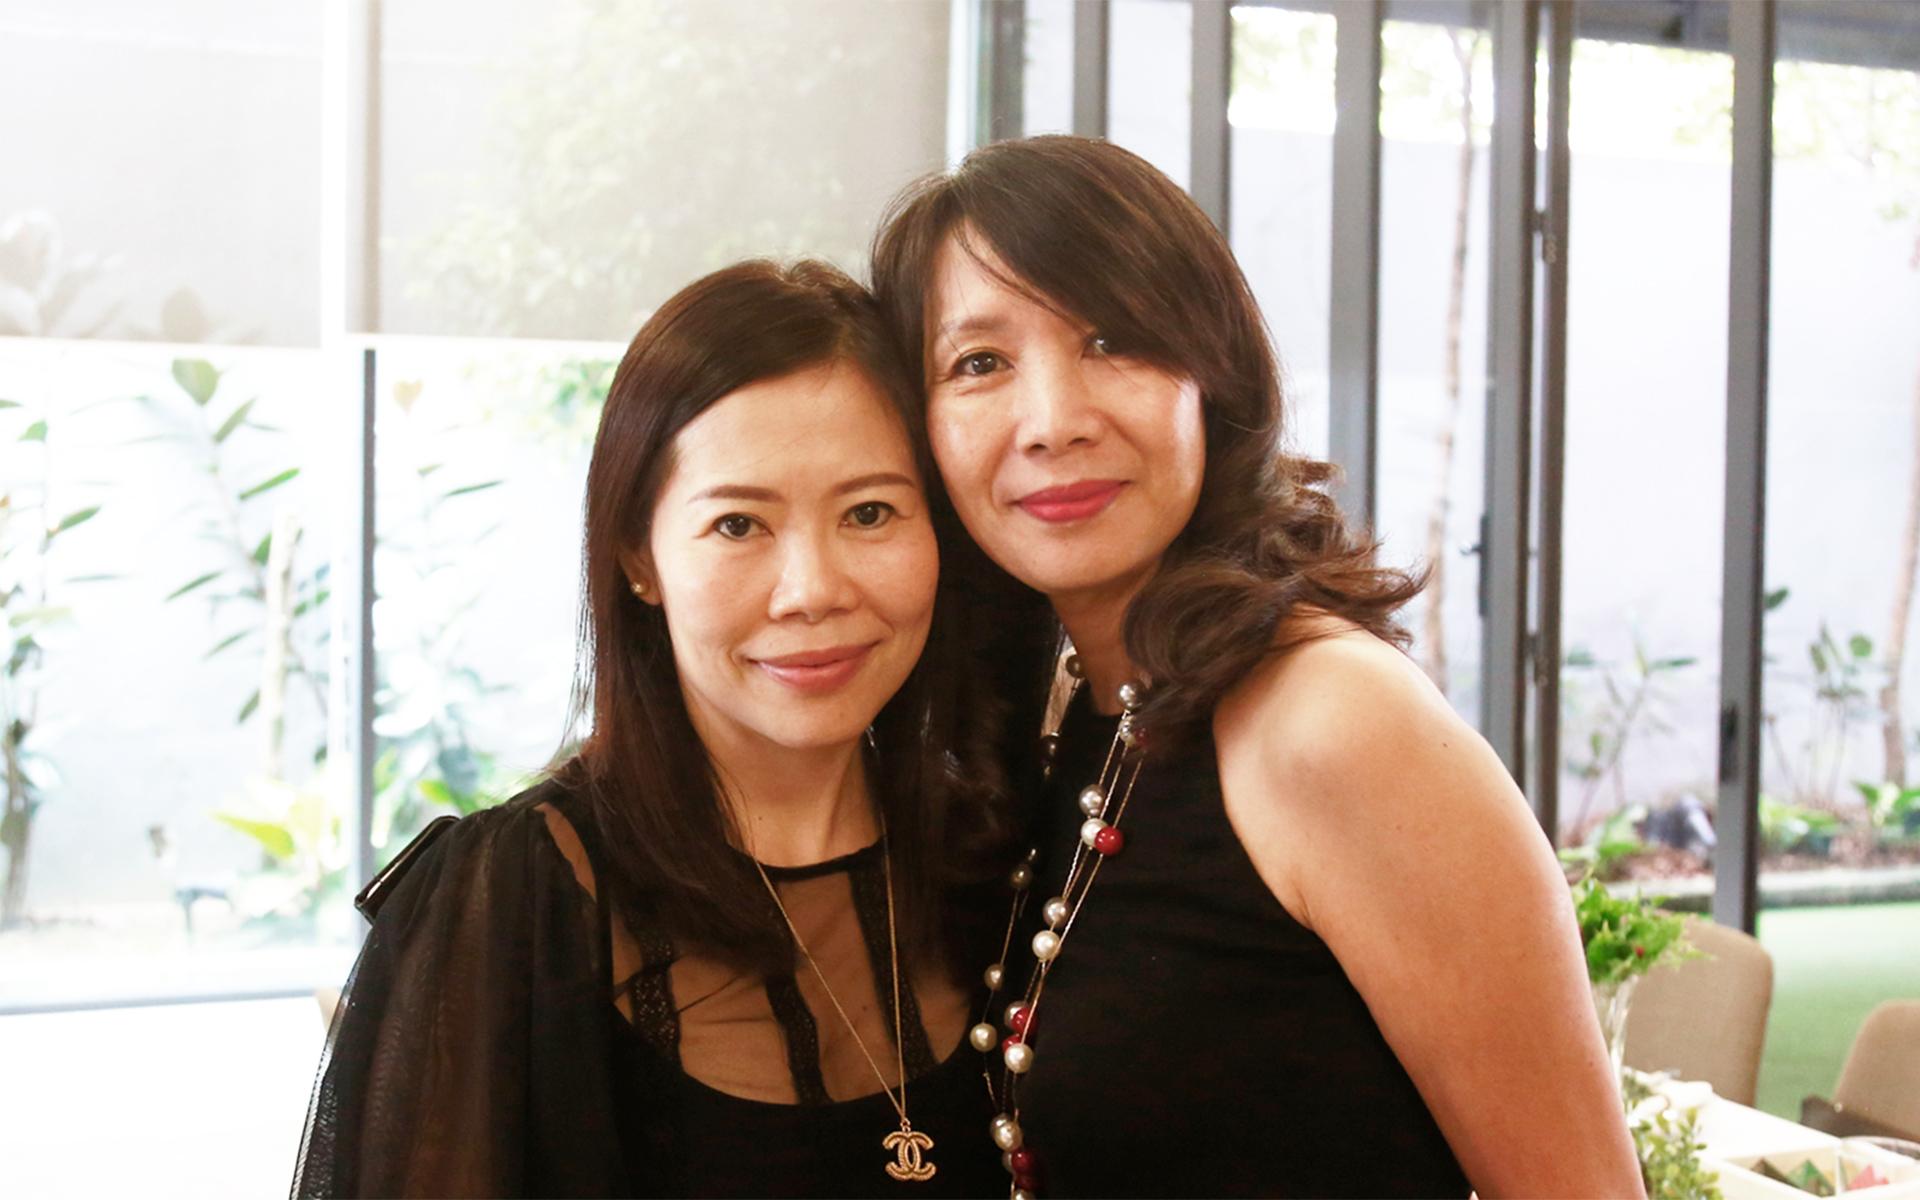 Stephanie Lian and Sally Seow